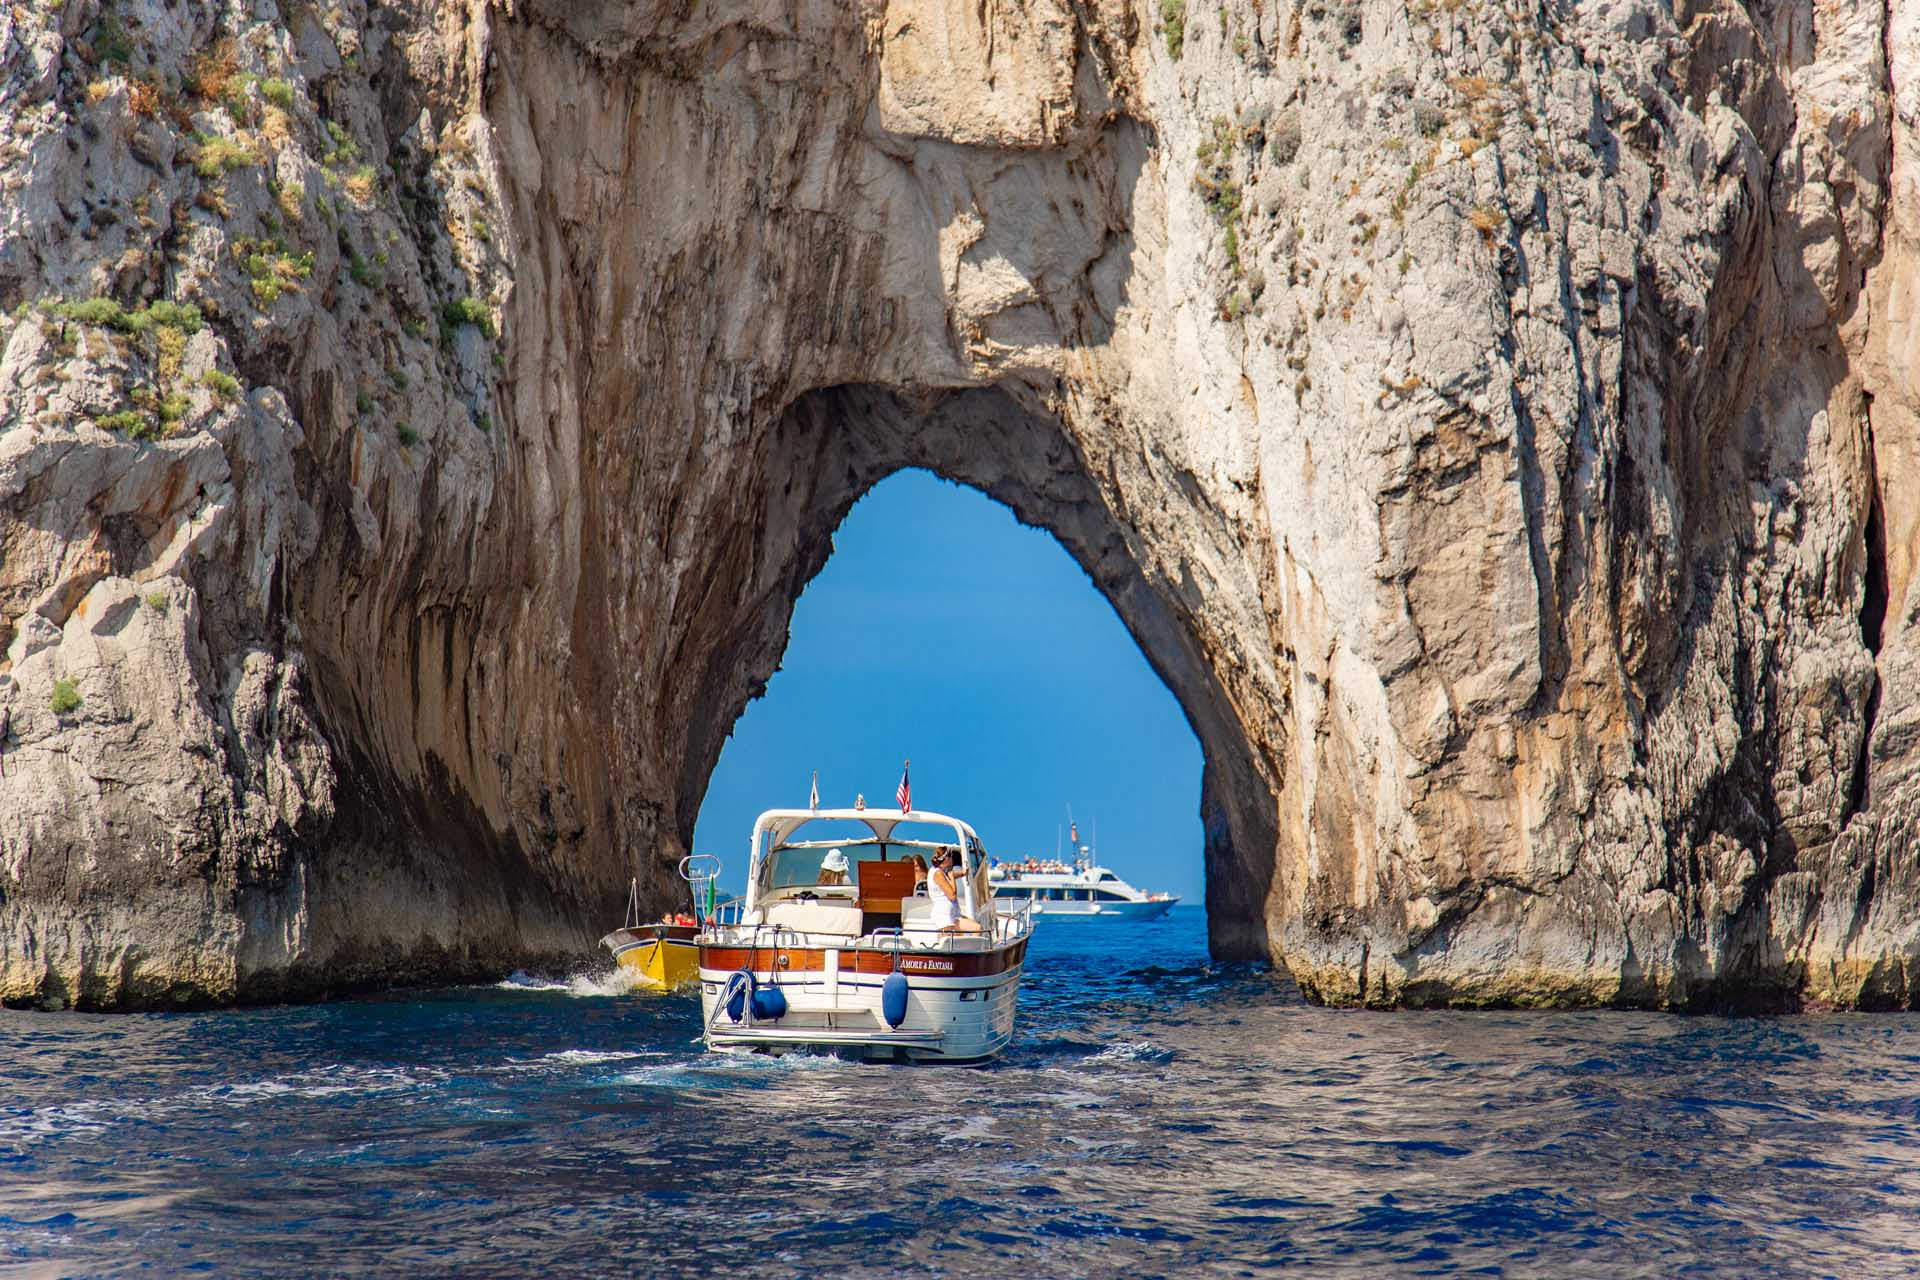 Passaggio sotto il faraglione con la barca